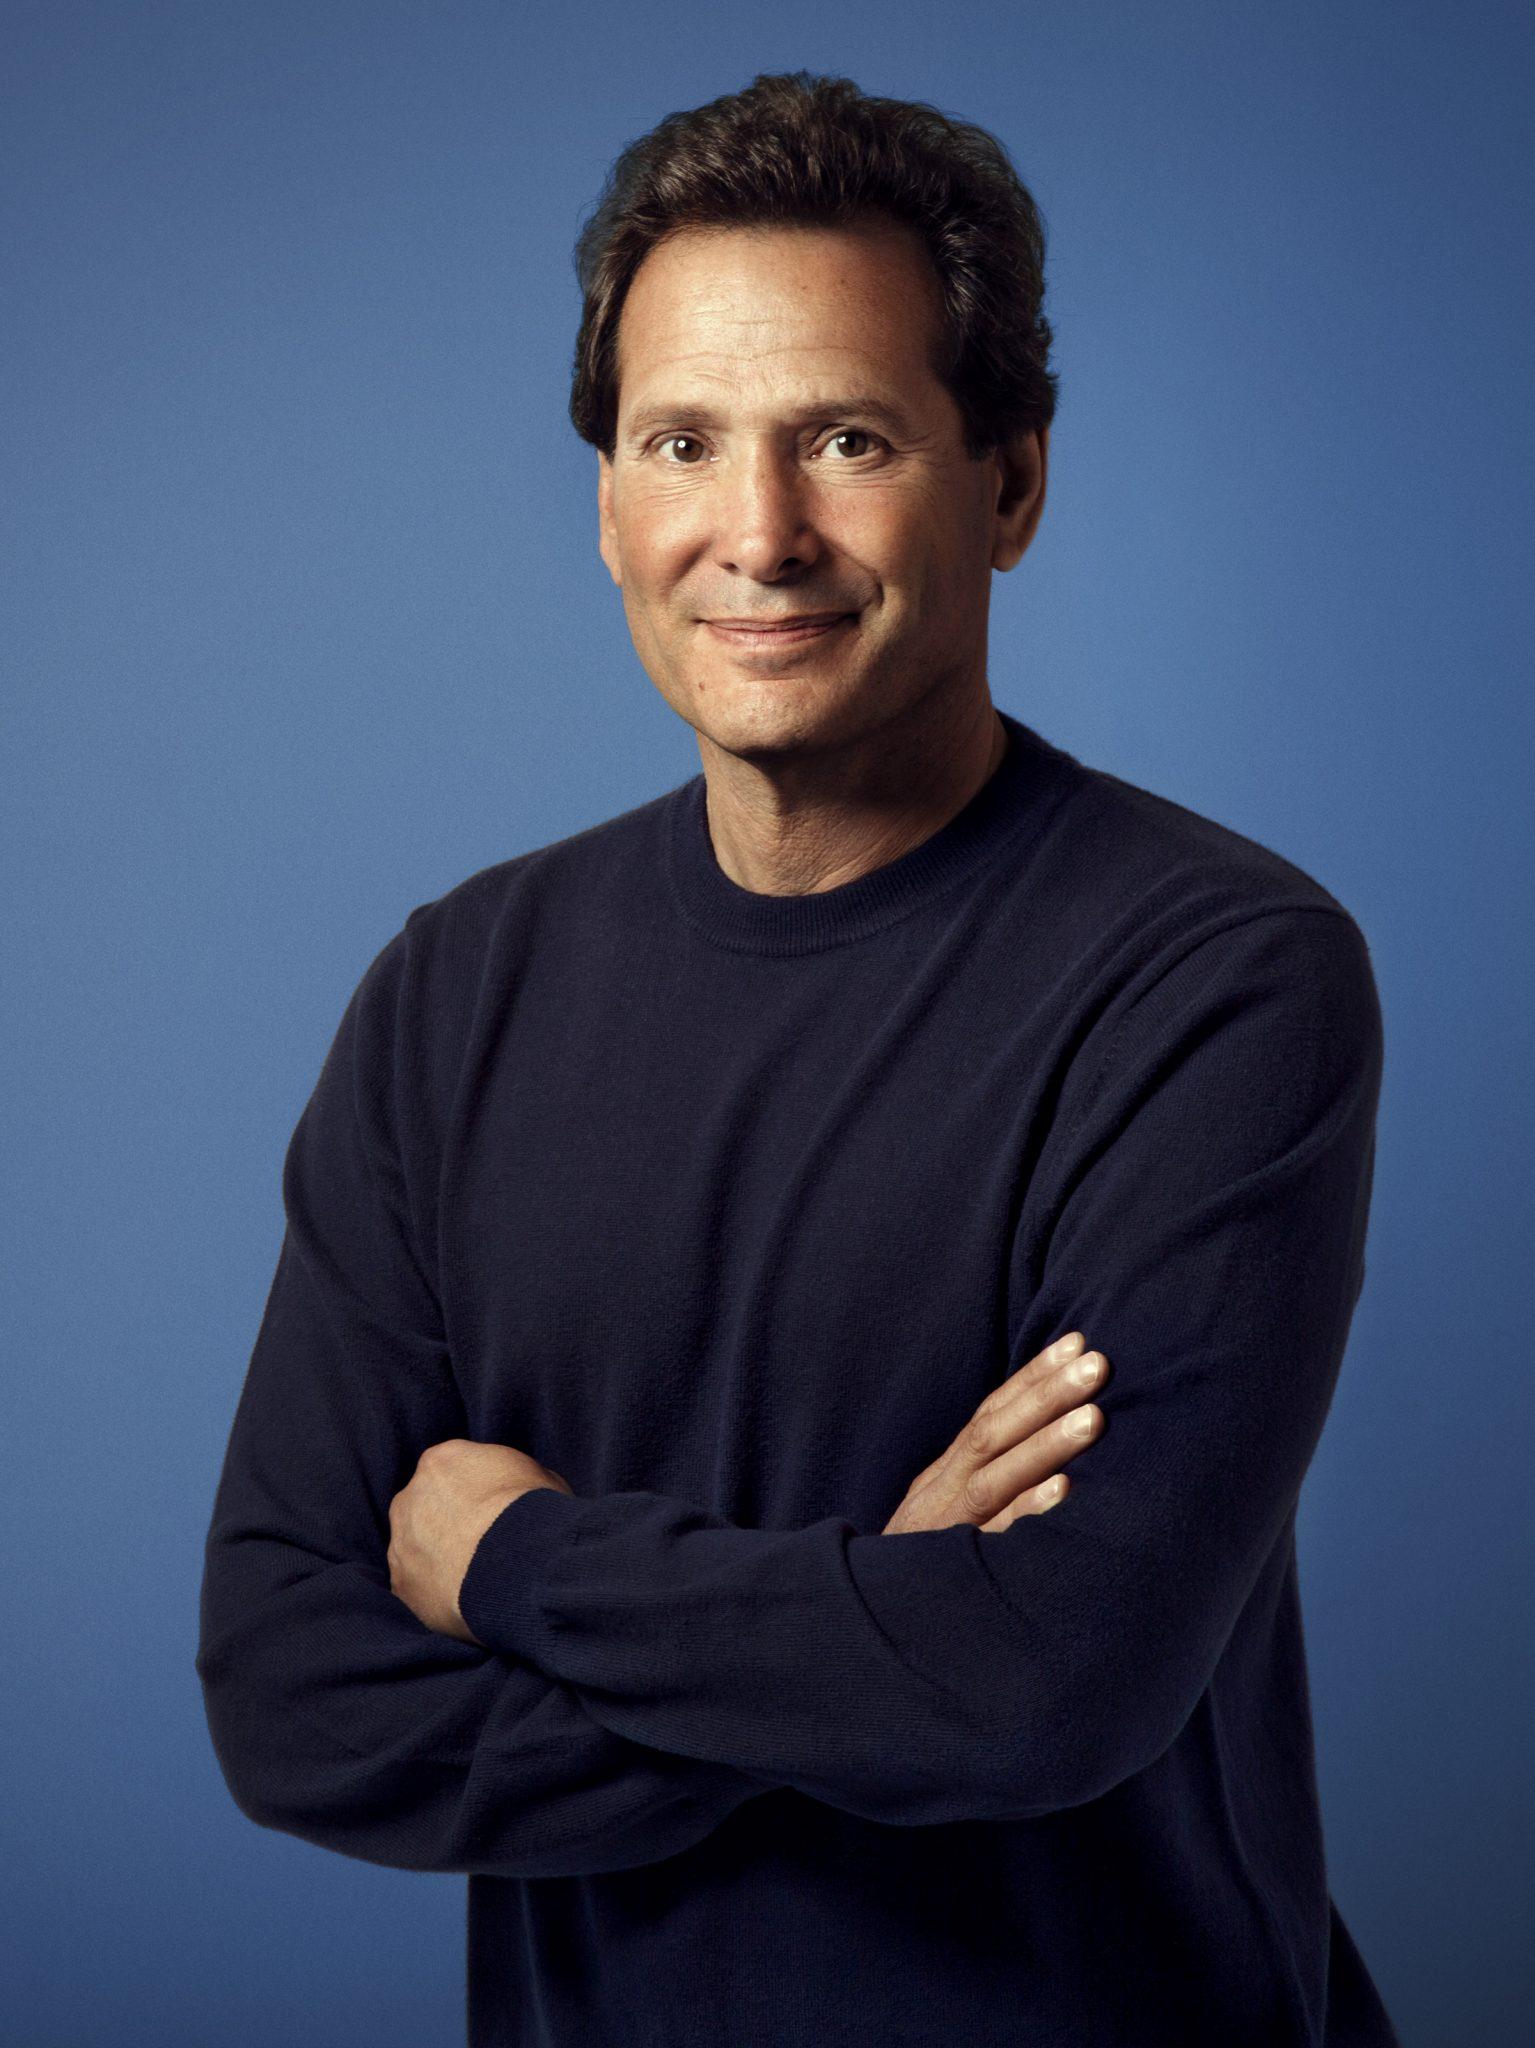 Dan Schulman, CEO of PayPal